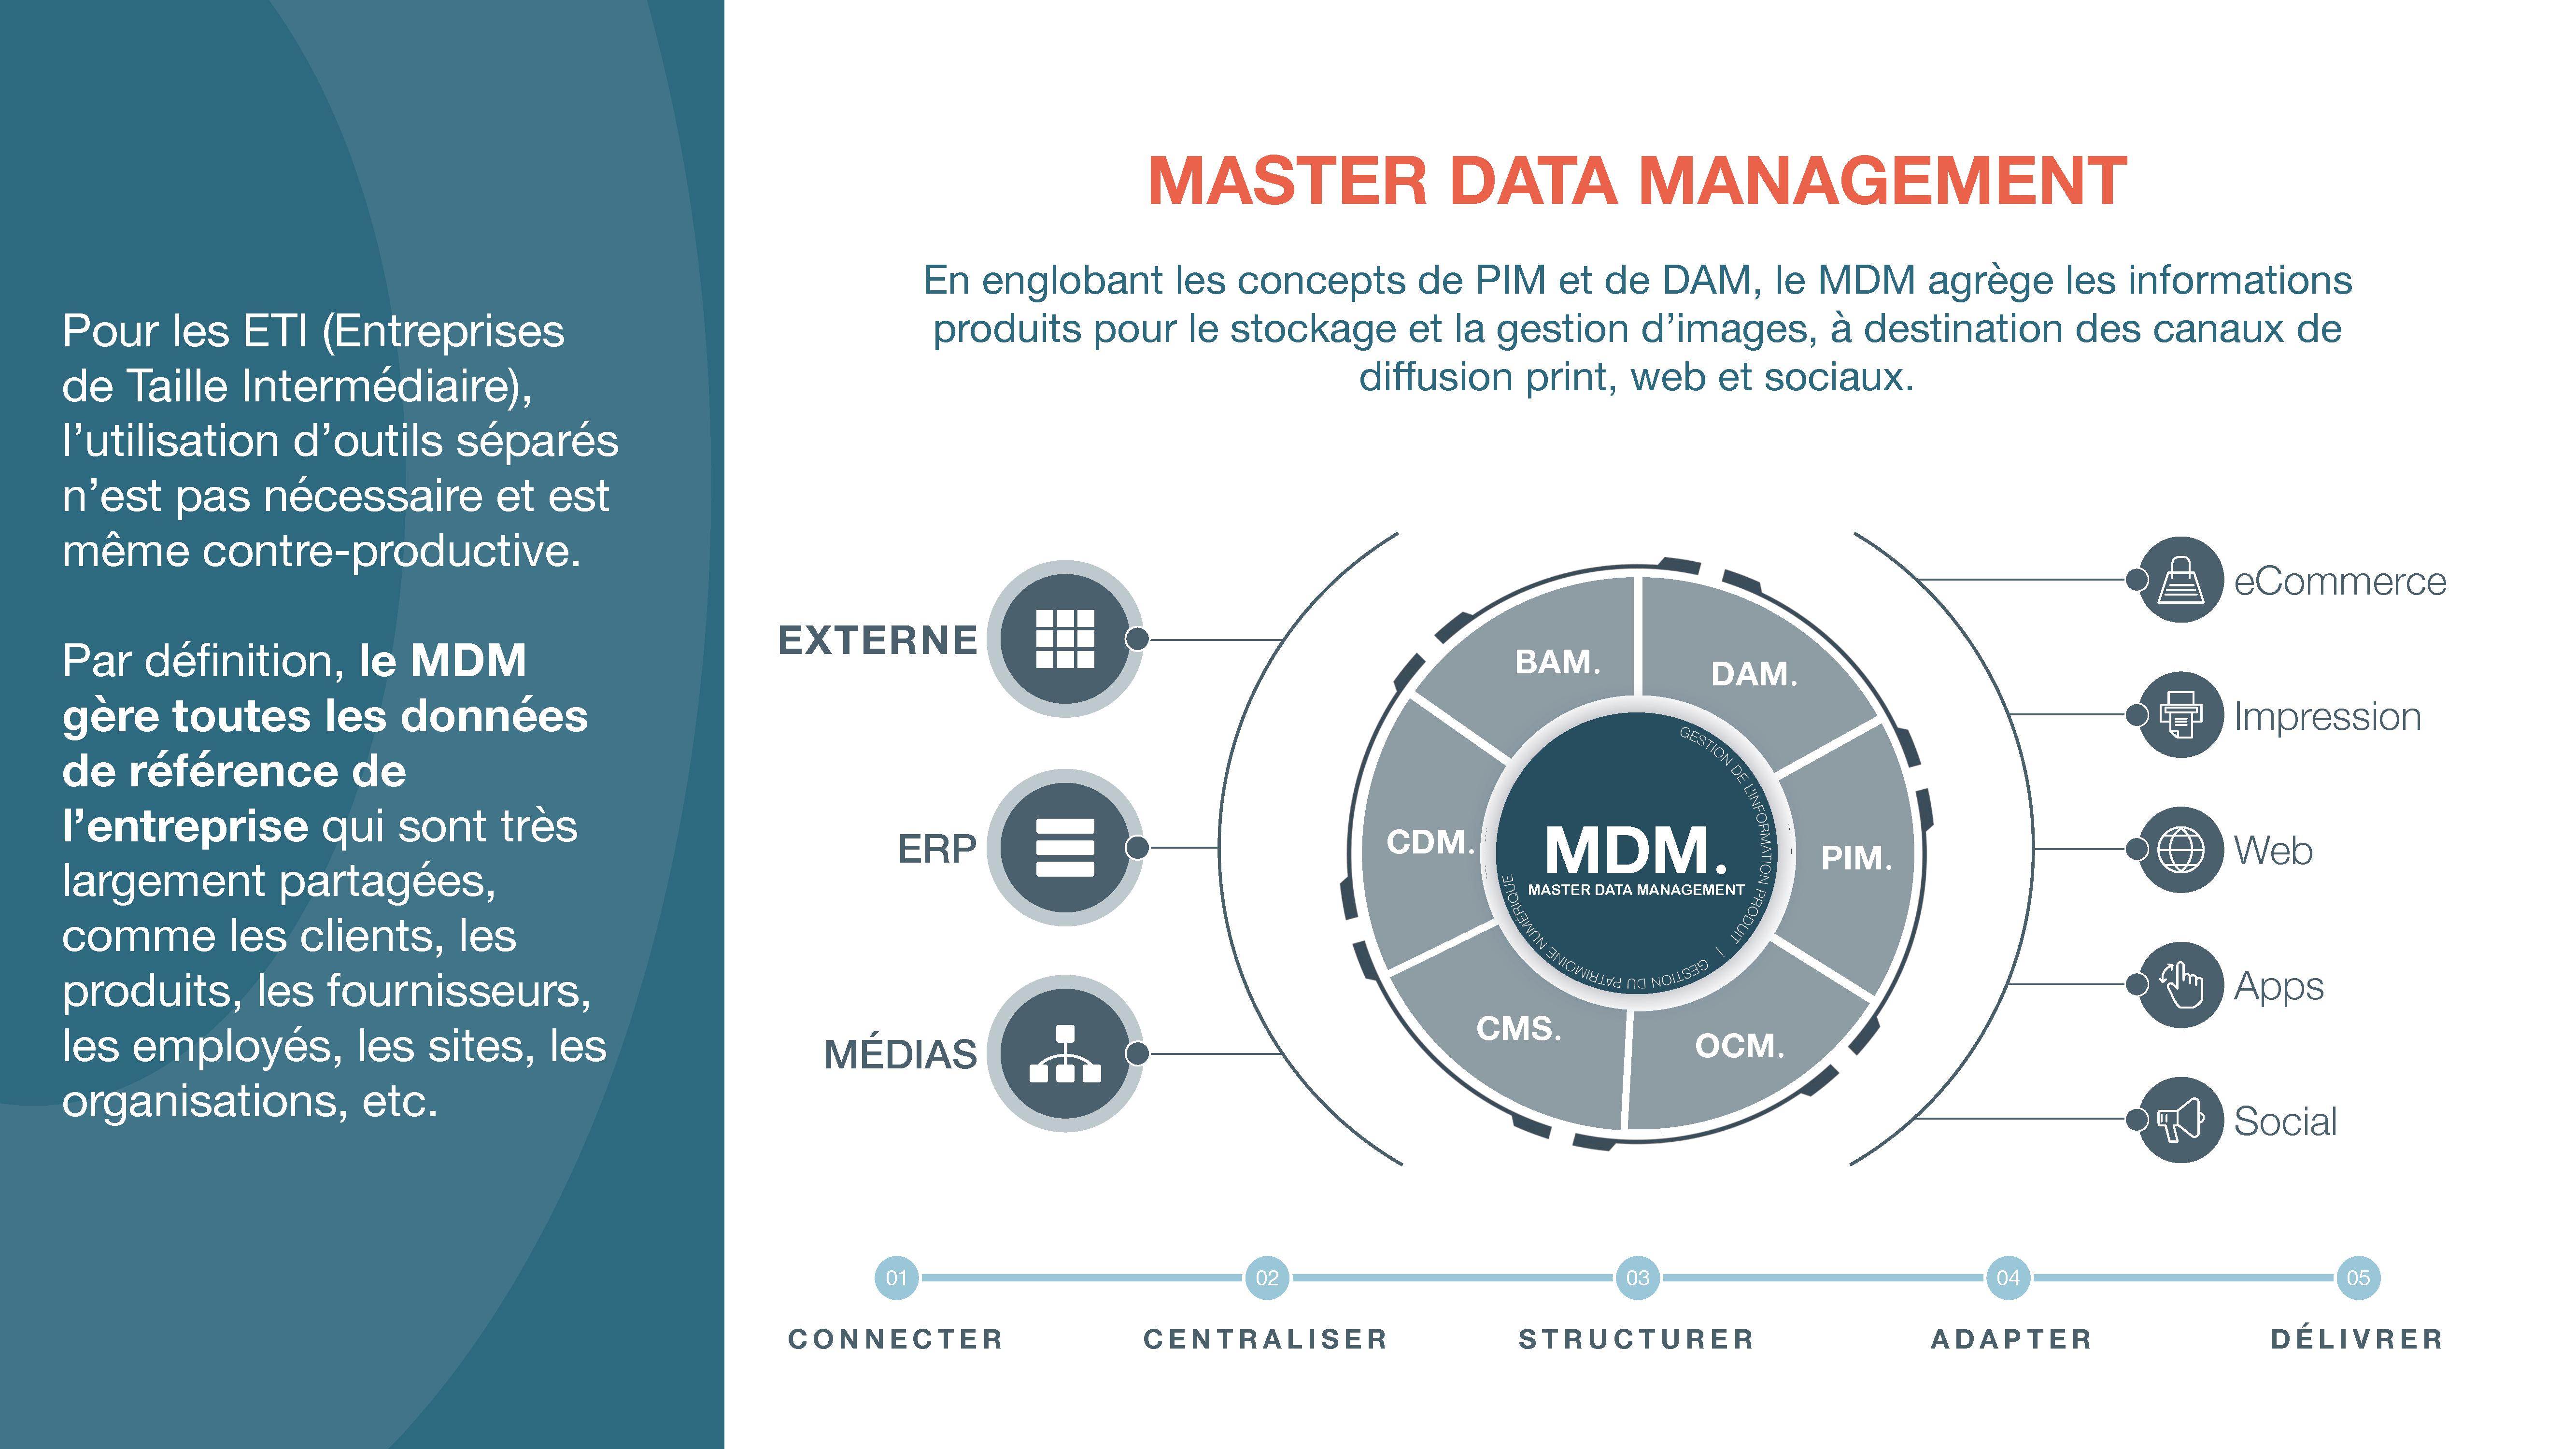 Le MDM pour gérer ses données packaging